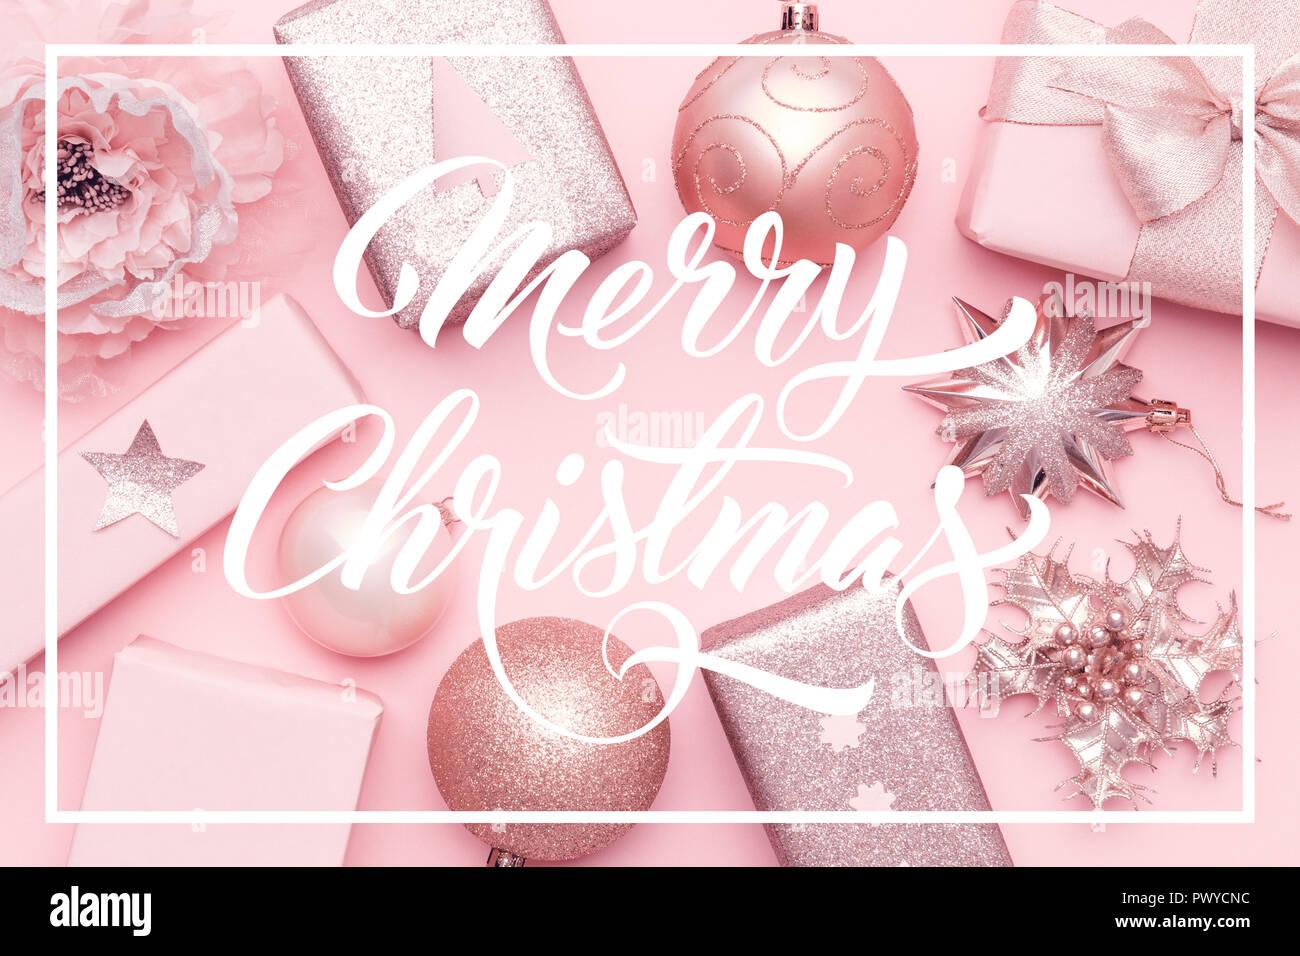 78fa8ff6ae8 Regalos de Navidad rosa aislado sobre fondo de color rosa pastel. Envolver  Cajas de Navidad